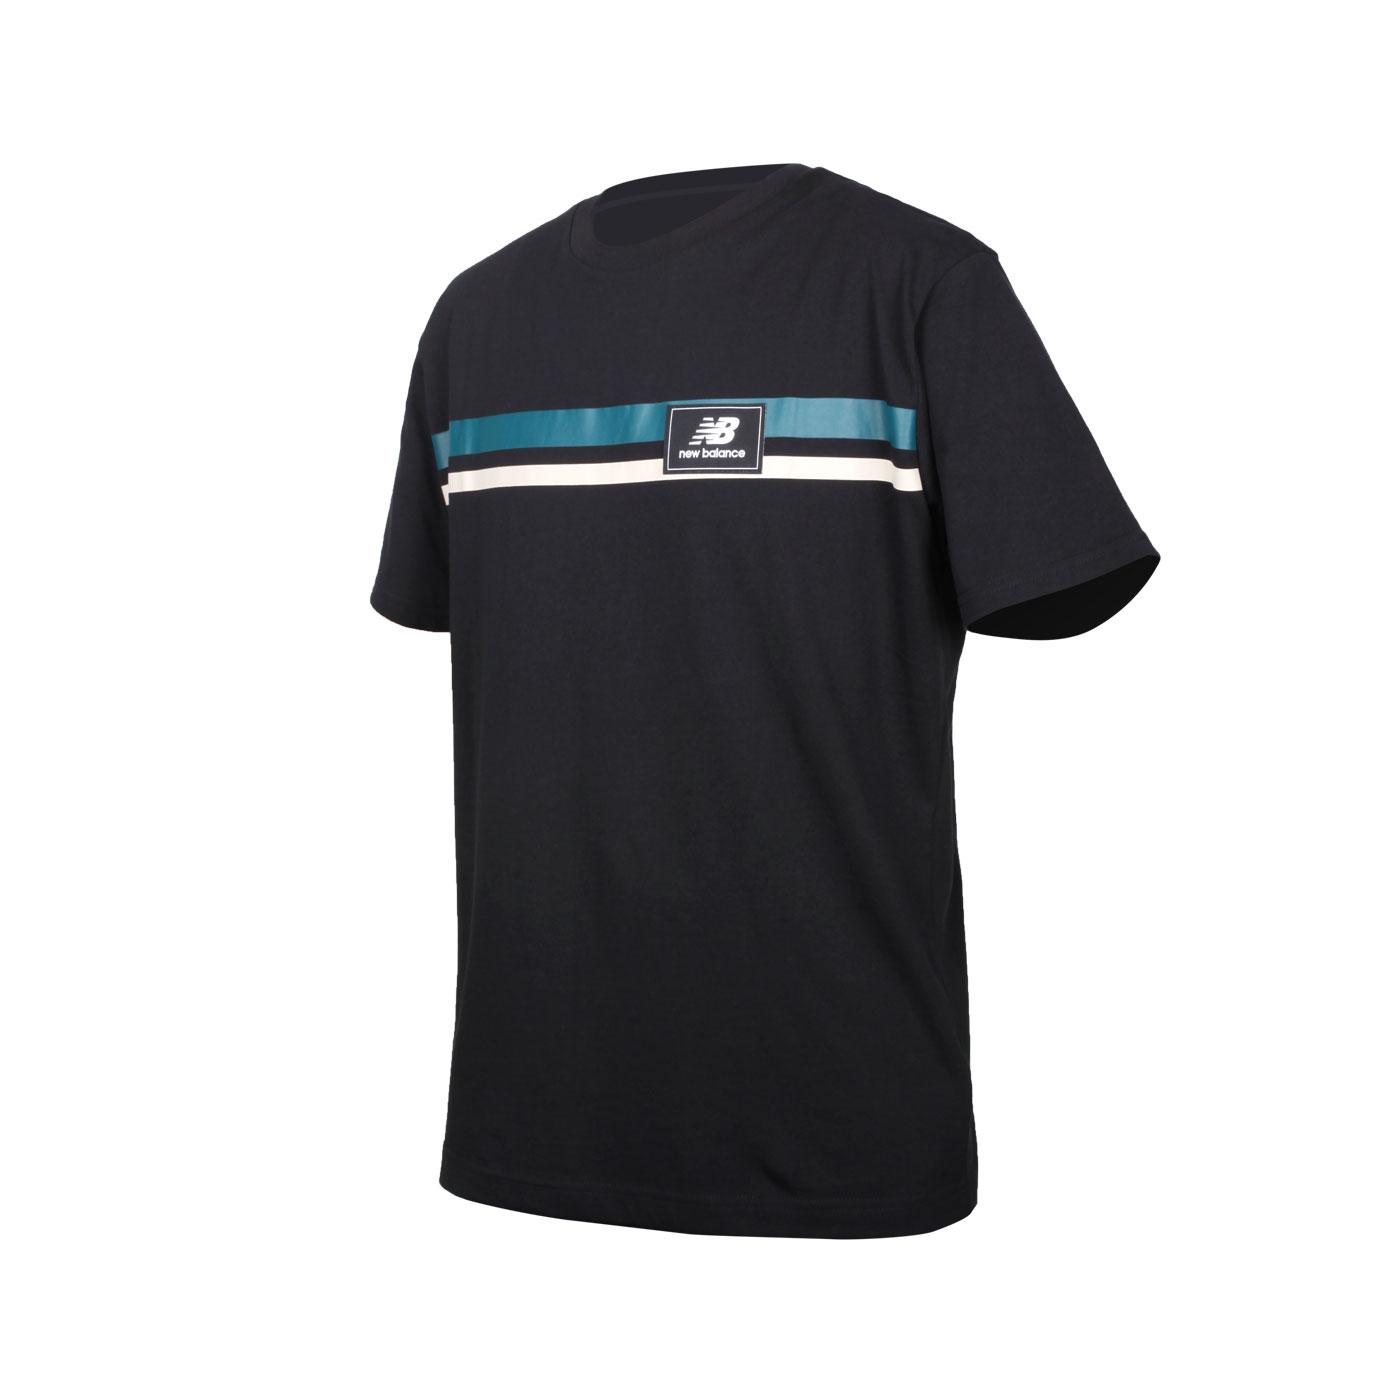 NEW BALANCE 男款短袖T恤 MT13501BK